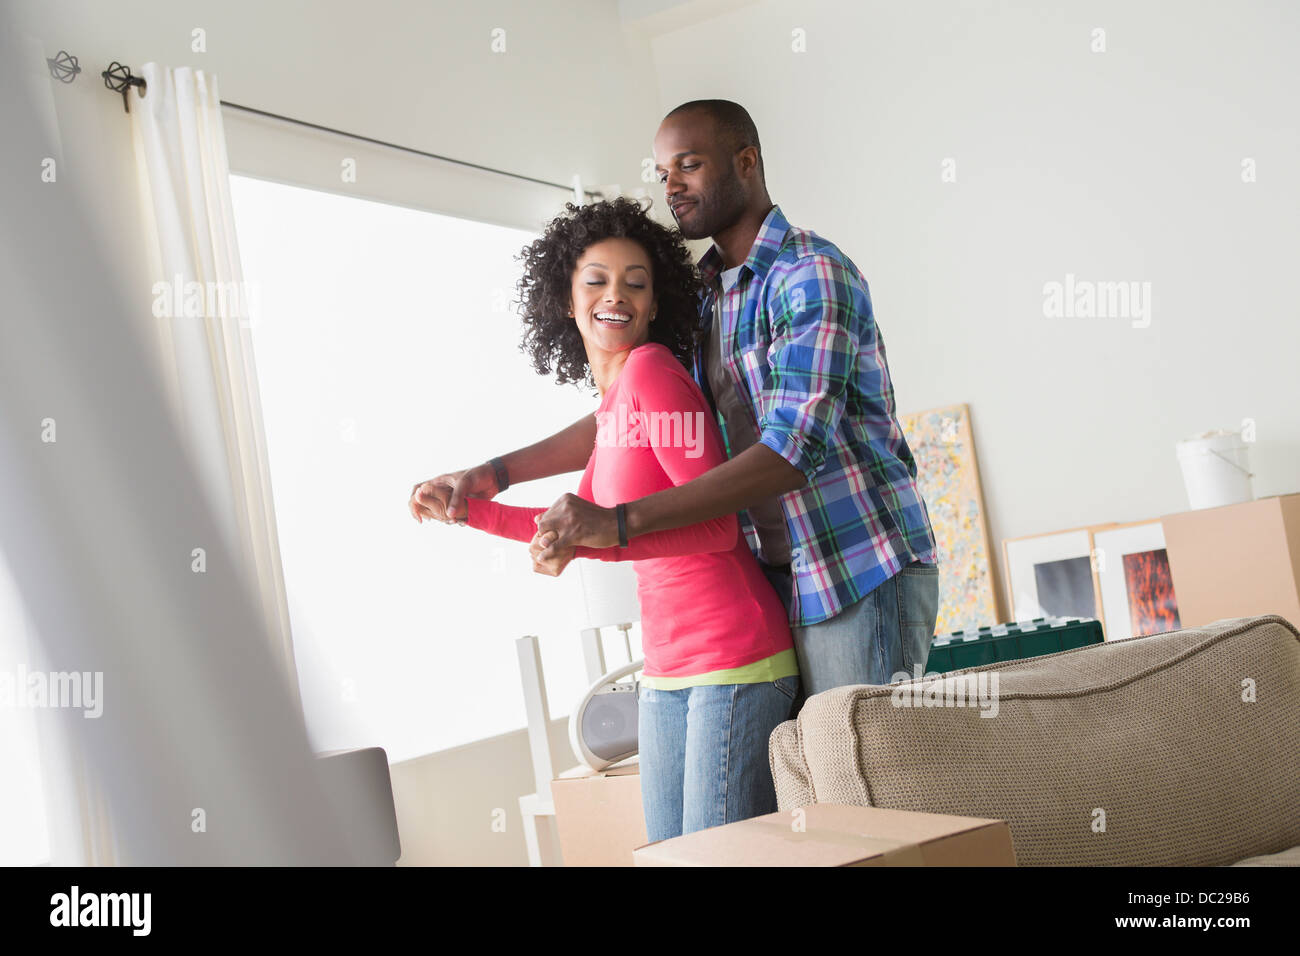 Adulto medio pareja de bailarines en el nuevo hogar Imagen De Stock